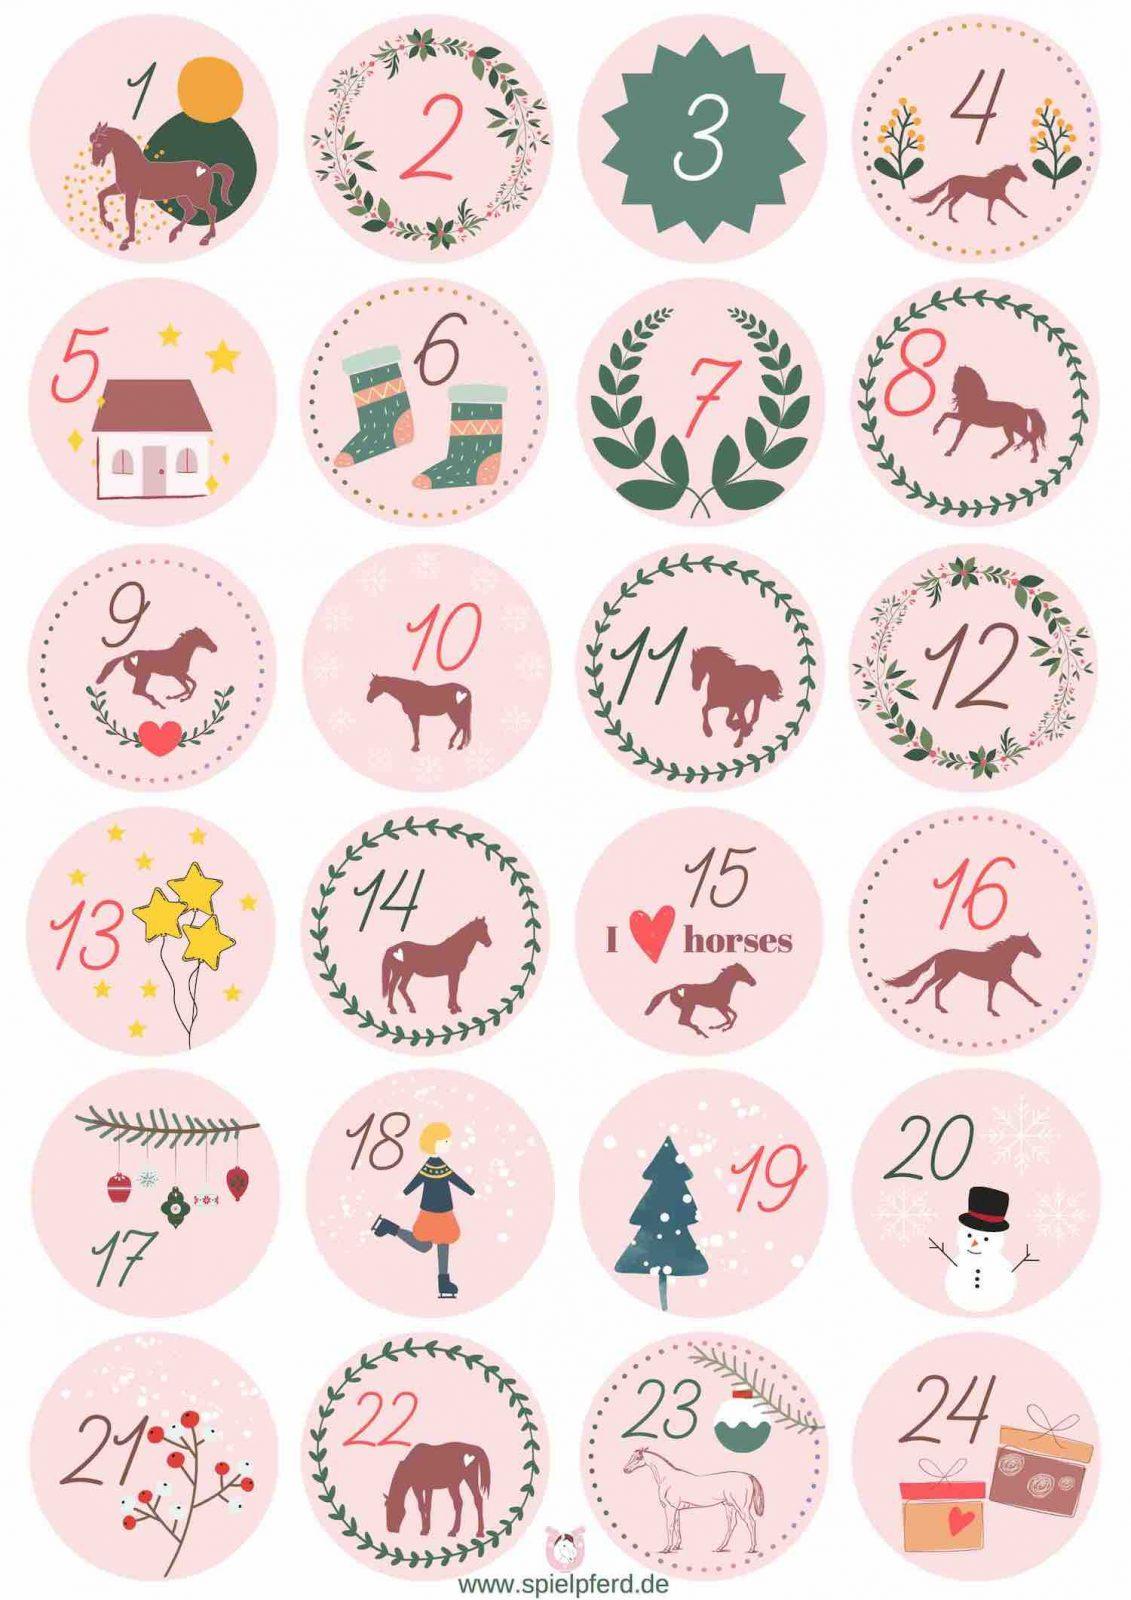 Adventskalenderzahlen Vorlage für kleine Pferdefans zum Ausdrucken. Zahlen für den Adventskalender kostenlos als pdf-Druckvorlage downloaden. Adventskalender basteln für Kinder.